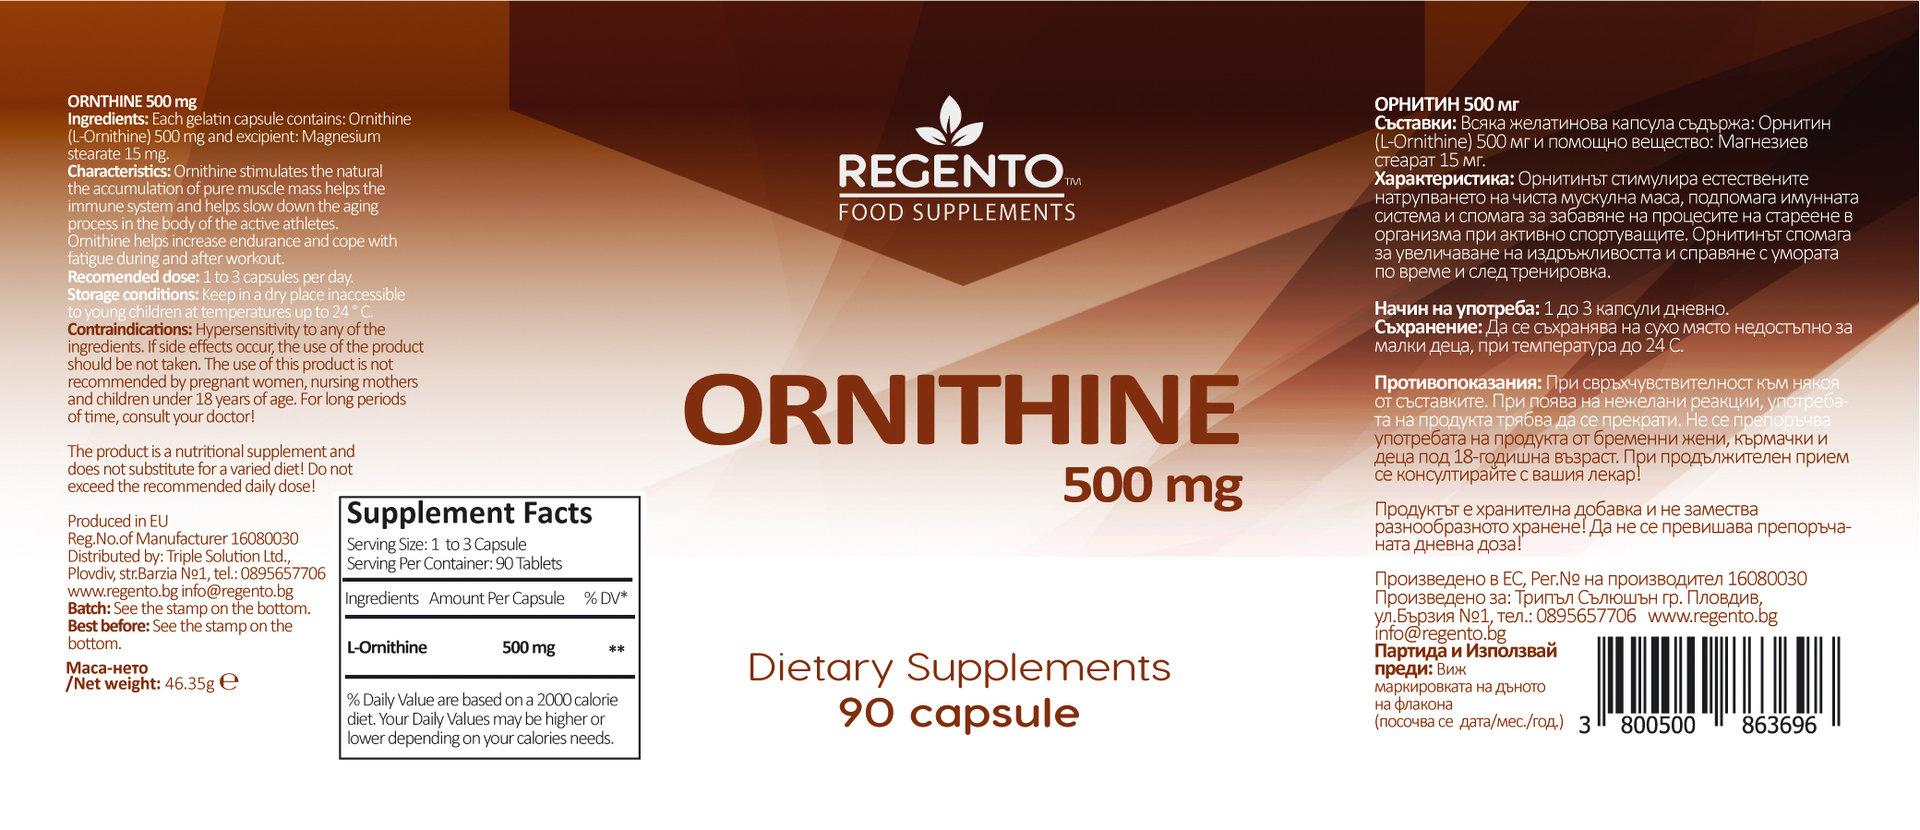 REGENTO ORNITHINE 500mg 90 capsules